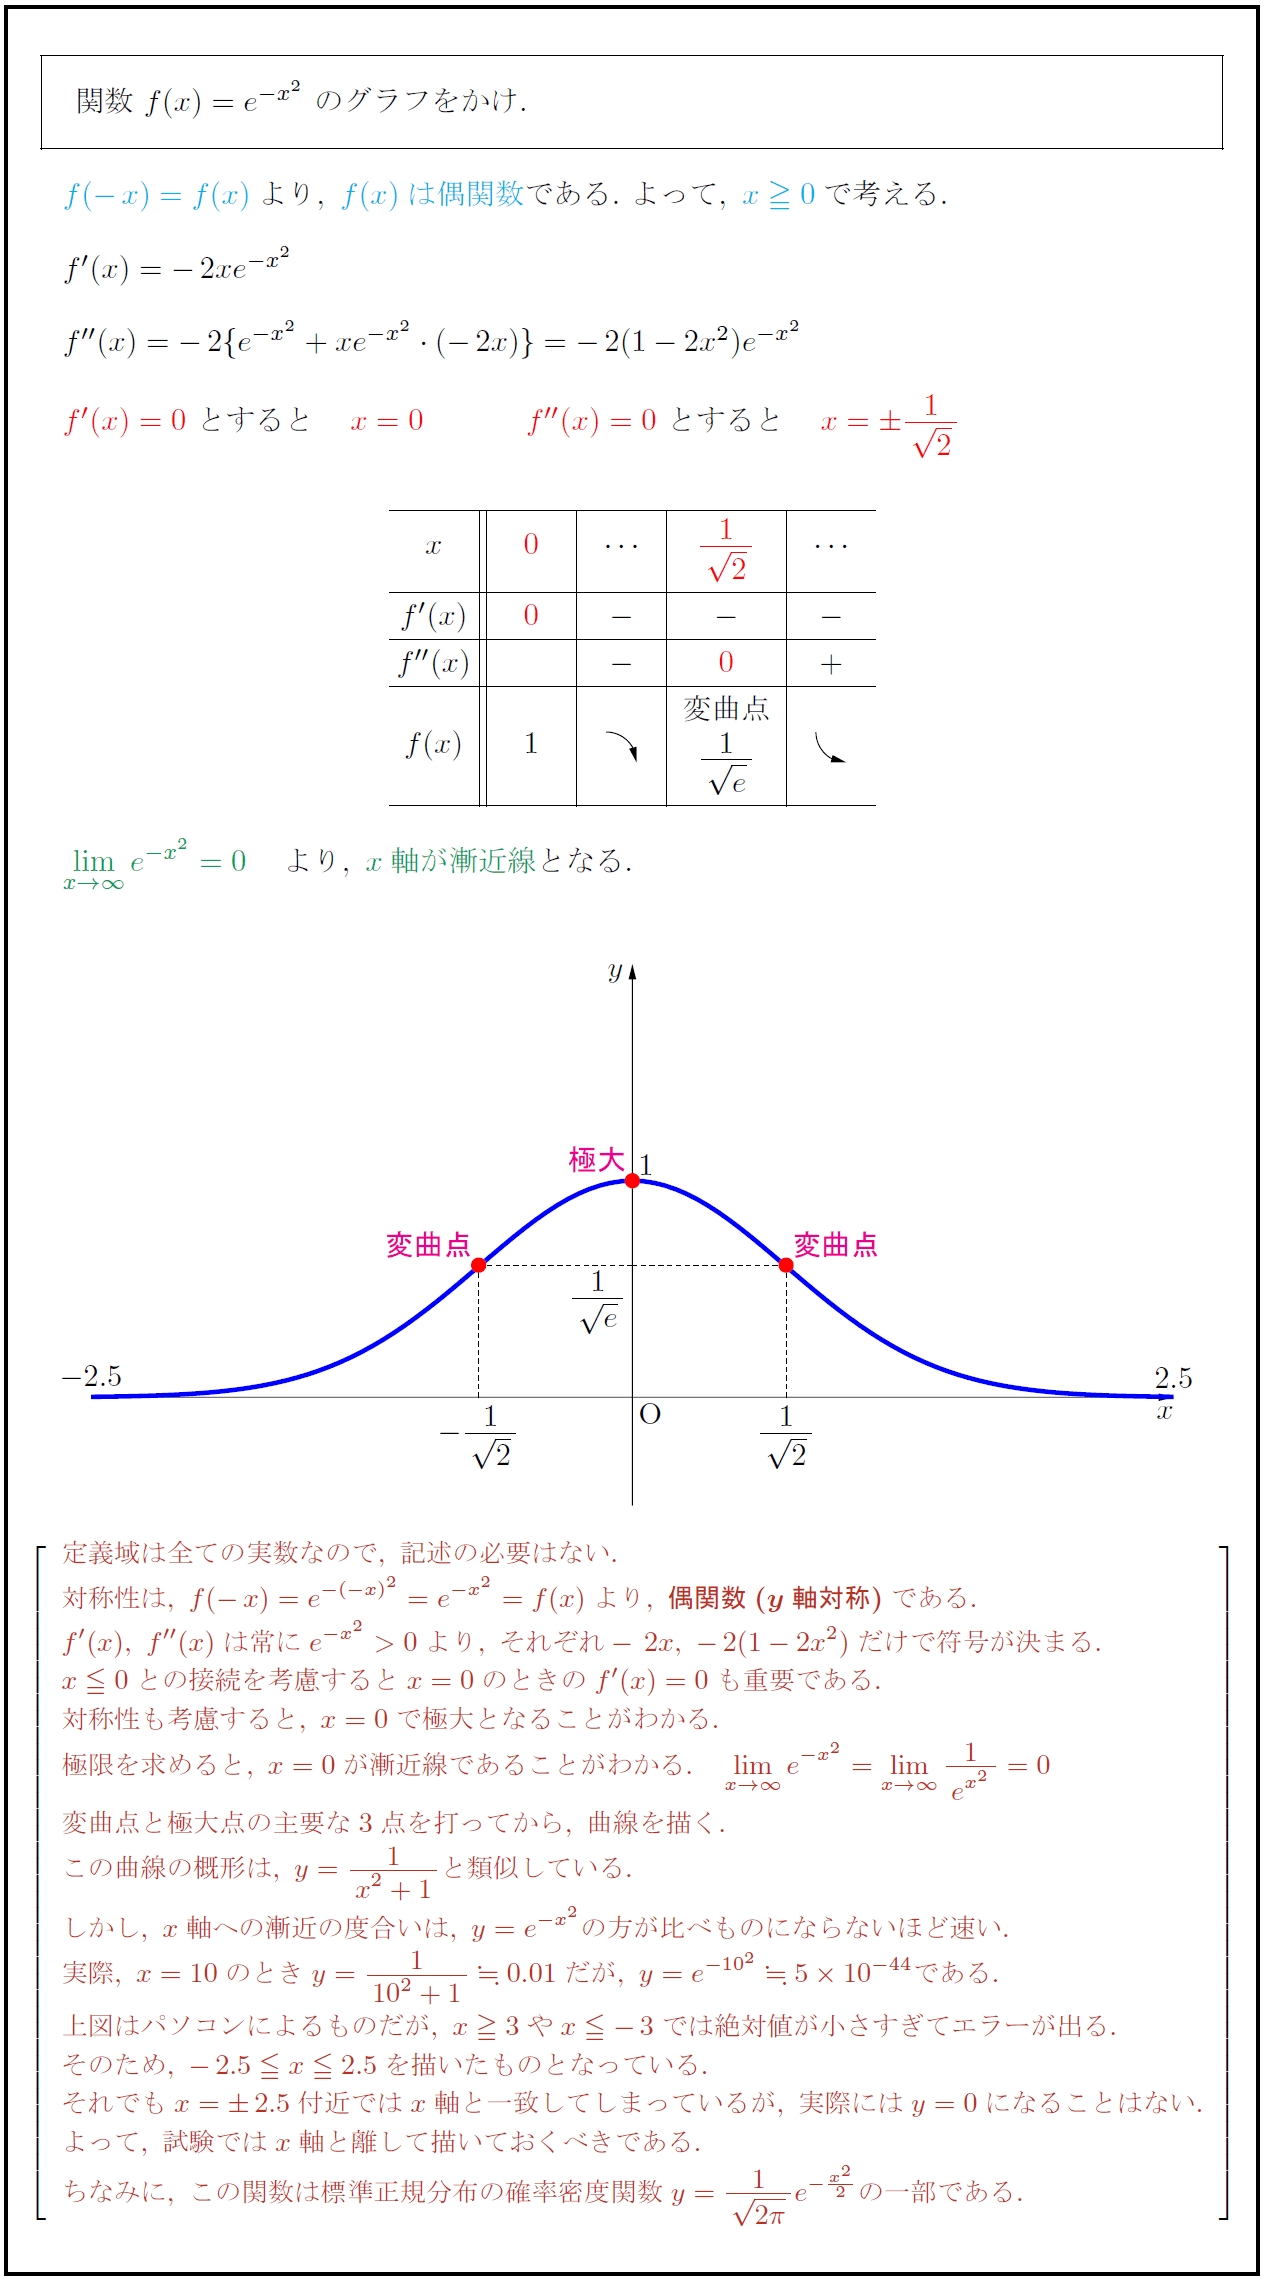 指数関数④ y\u003de\u003csup\u003e,x\u003csup\u003e2\u003c\/sup\u003e\u003c\/sup\u003eのグラフ(正規分布曲線もどき)